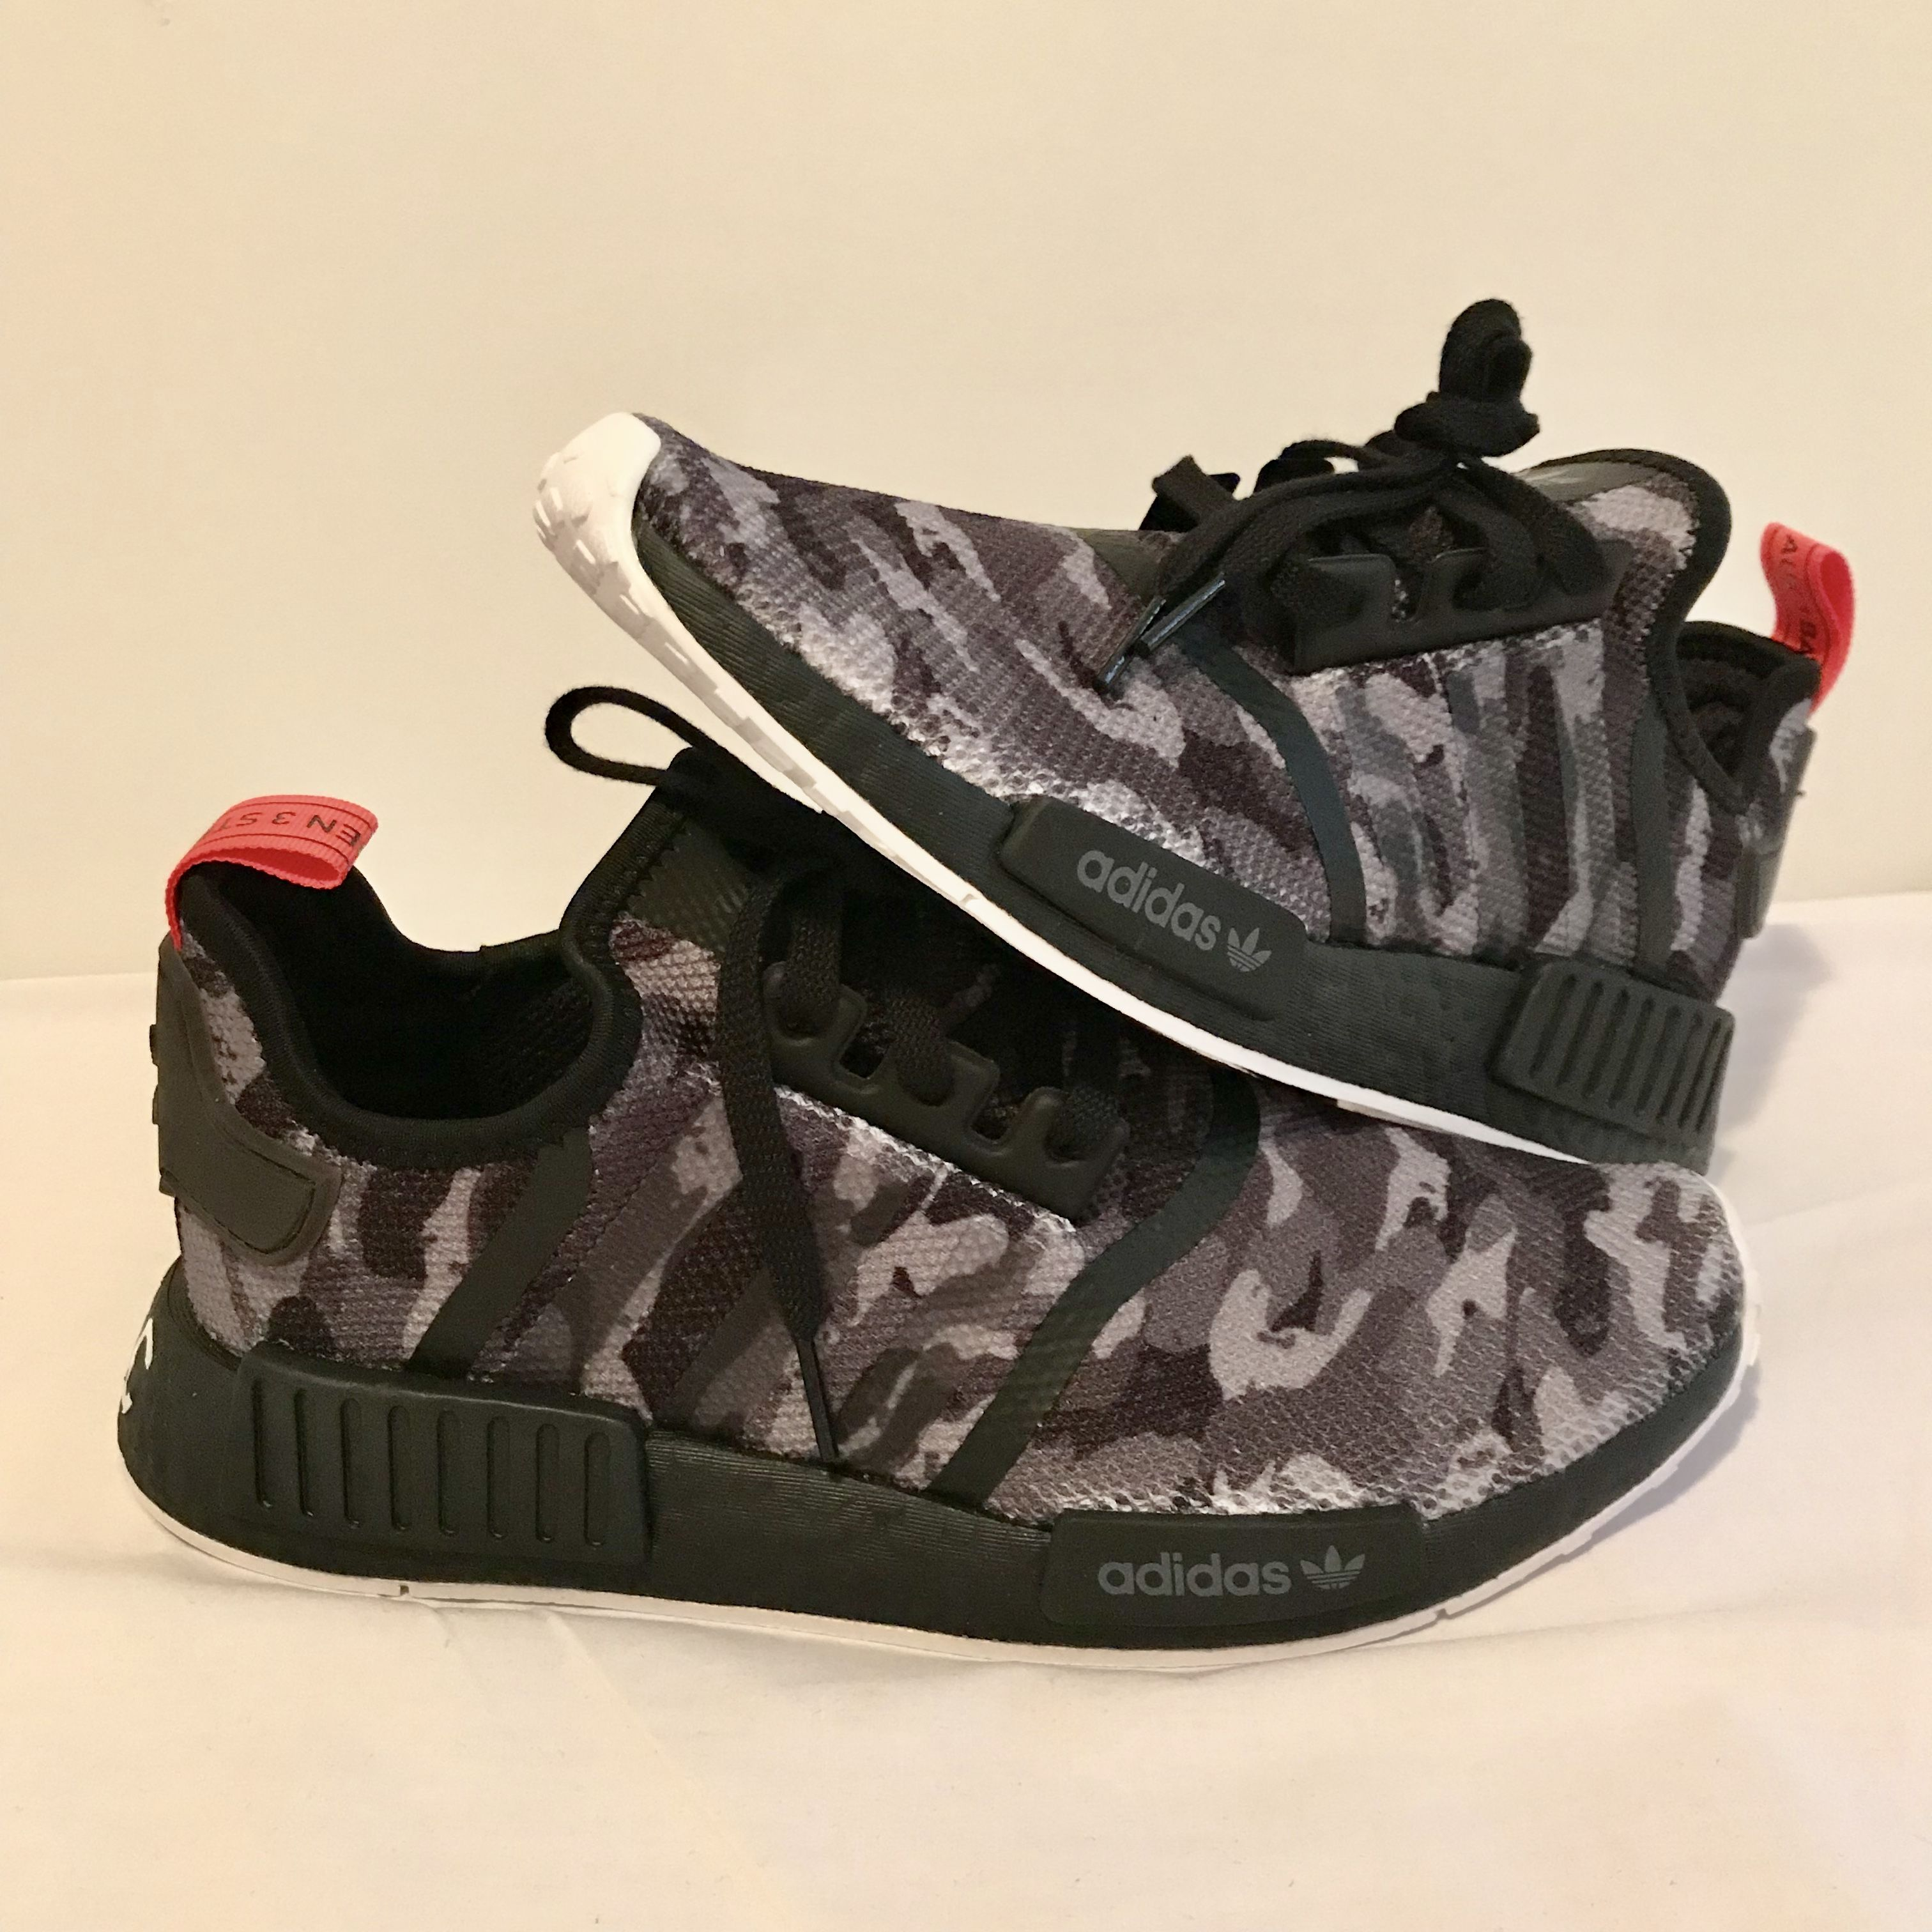 Foot locker, Adidas nmd